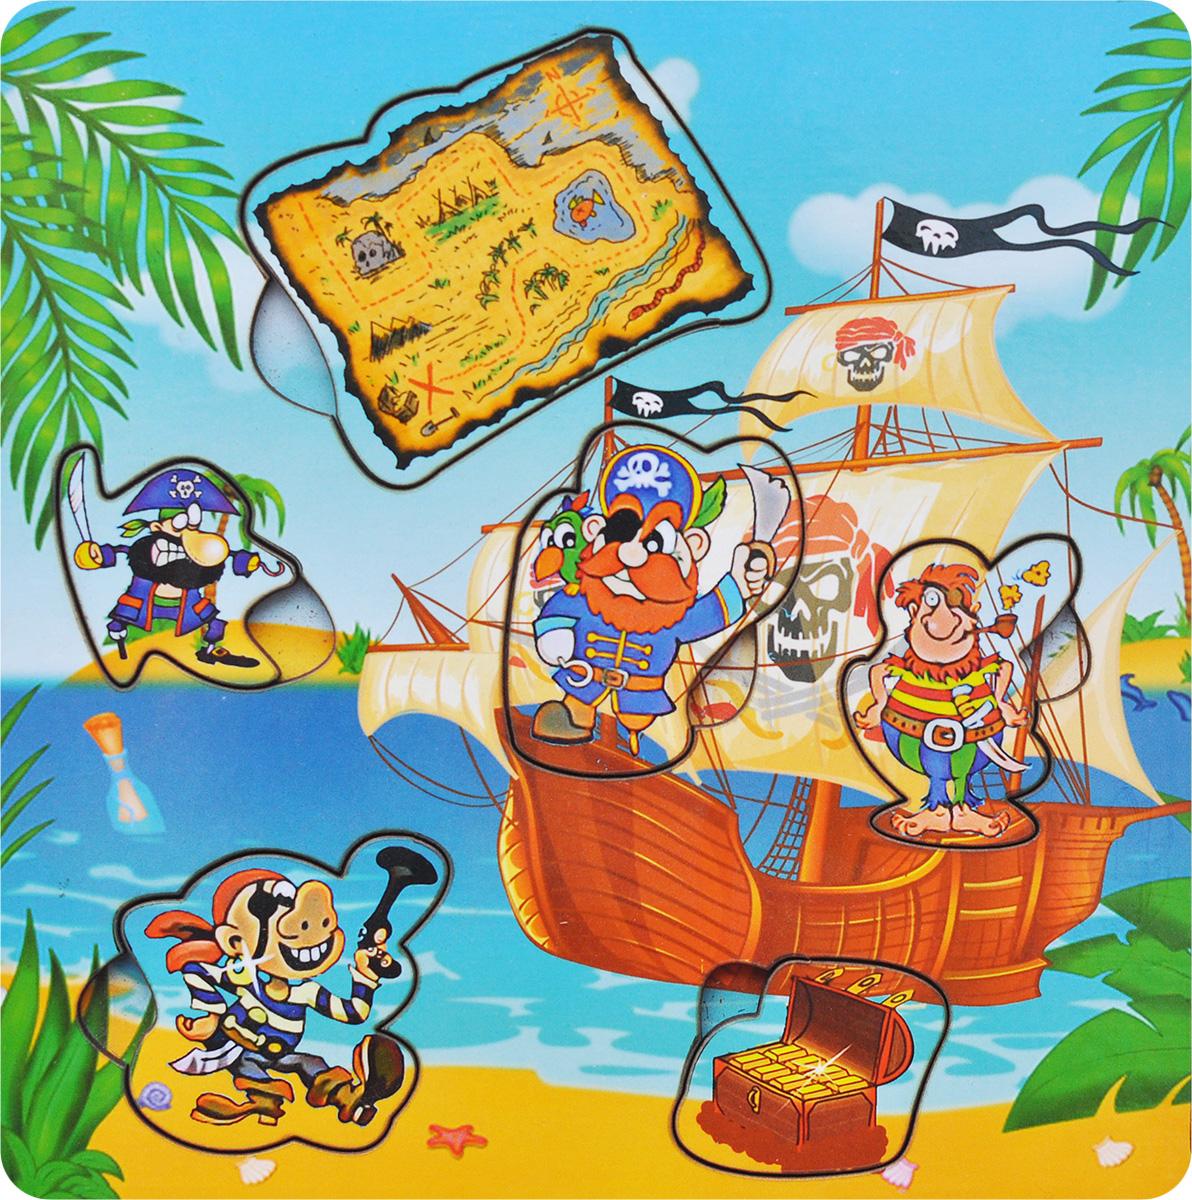 Фабрика Мастер игрушек Пазл для малышей Пираты с картойIG0023Пазл для малышей Фабрика Мастер игрушек Пираты с картой познакомит ребенка с героями морских приключений, позволит развить мелкую моторику, координацию и ориентацию на плоскости; научит основам классификации. Пазл-вкладыш обогащает словарный запас ребенка, способствует целостному восприятию, расширяет представление малыша об окружающем мире и развивает любознательность.